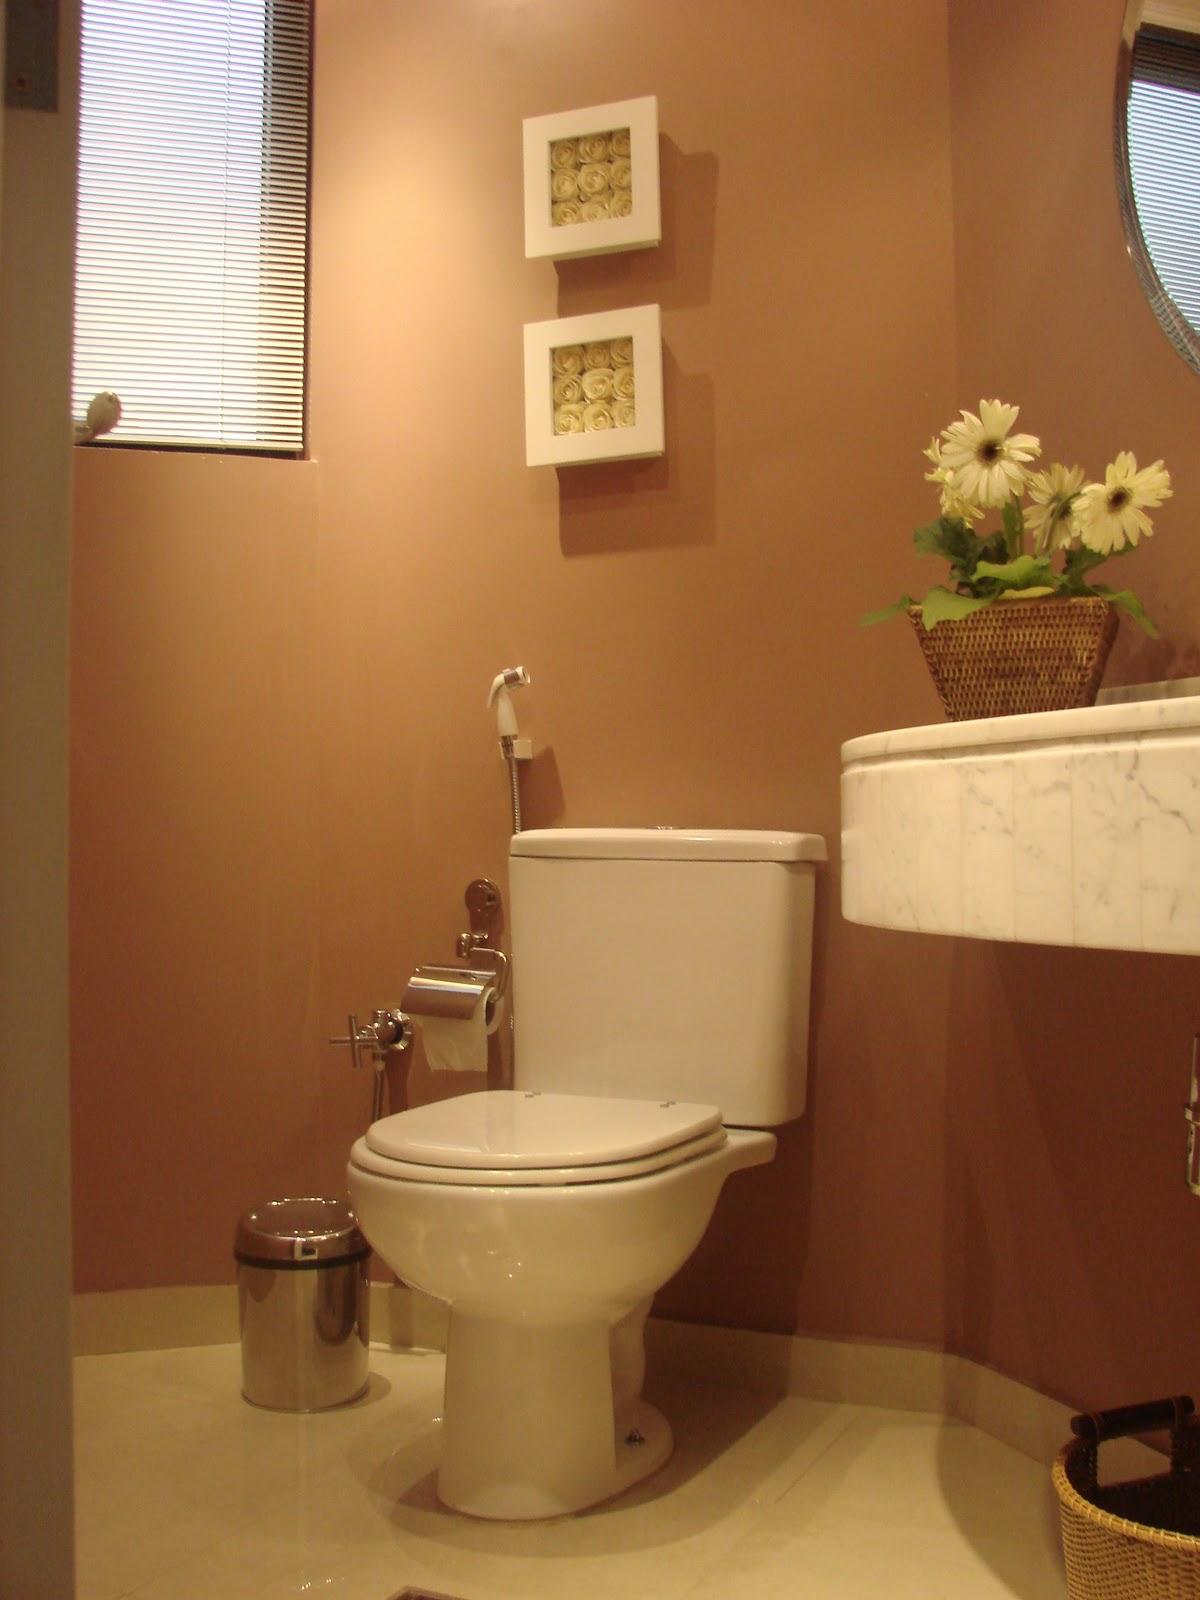 ideias decoracao lavabo:Projetodebanheiro.com,Revista Decorar,Maxima Interiores, Achados de